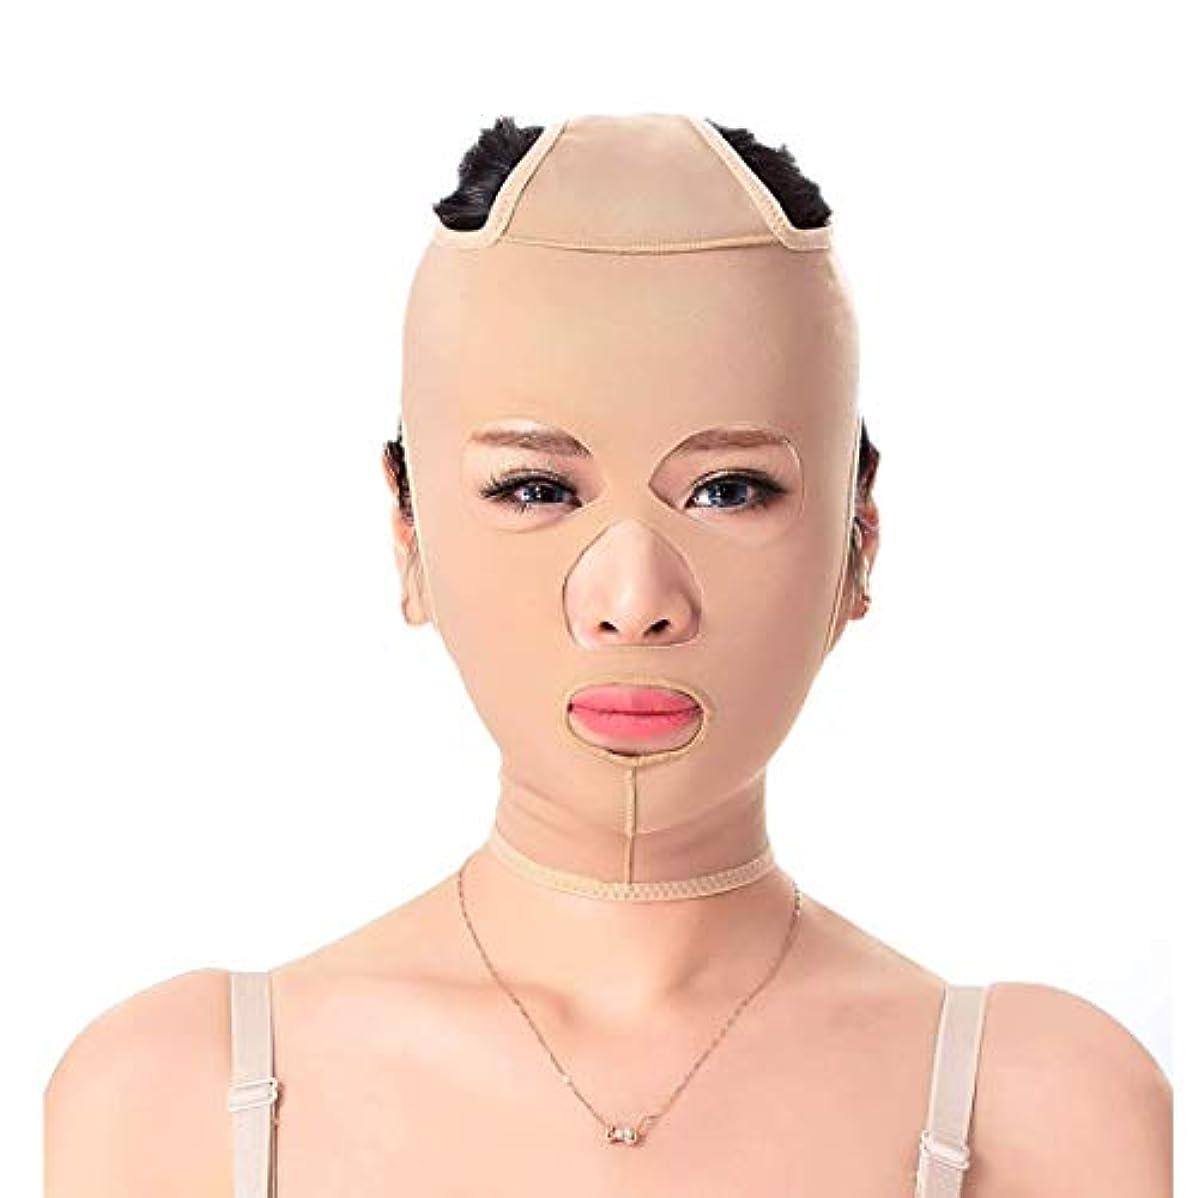 複雑でない賄賂ドリンクスリミングベルト、二重あごの引き締め顔面プラスチック顔アーティファクト強力な顔の包帯を脇に持ち上げるパターンを欺くためのフェイシャルマスク薄いフェイスマスク(サイズ:XXL),M